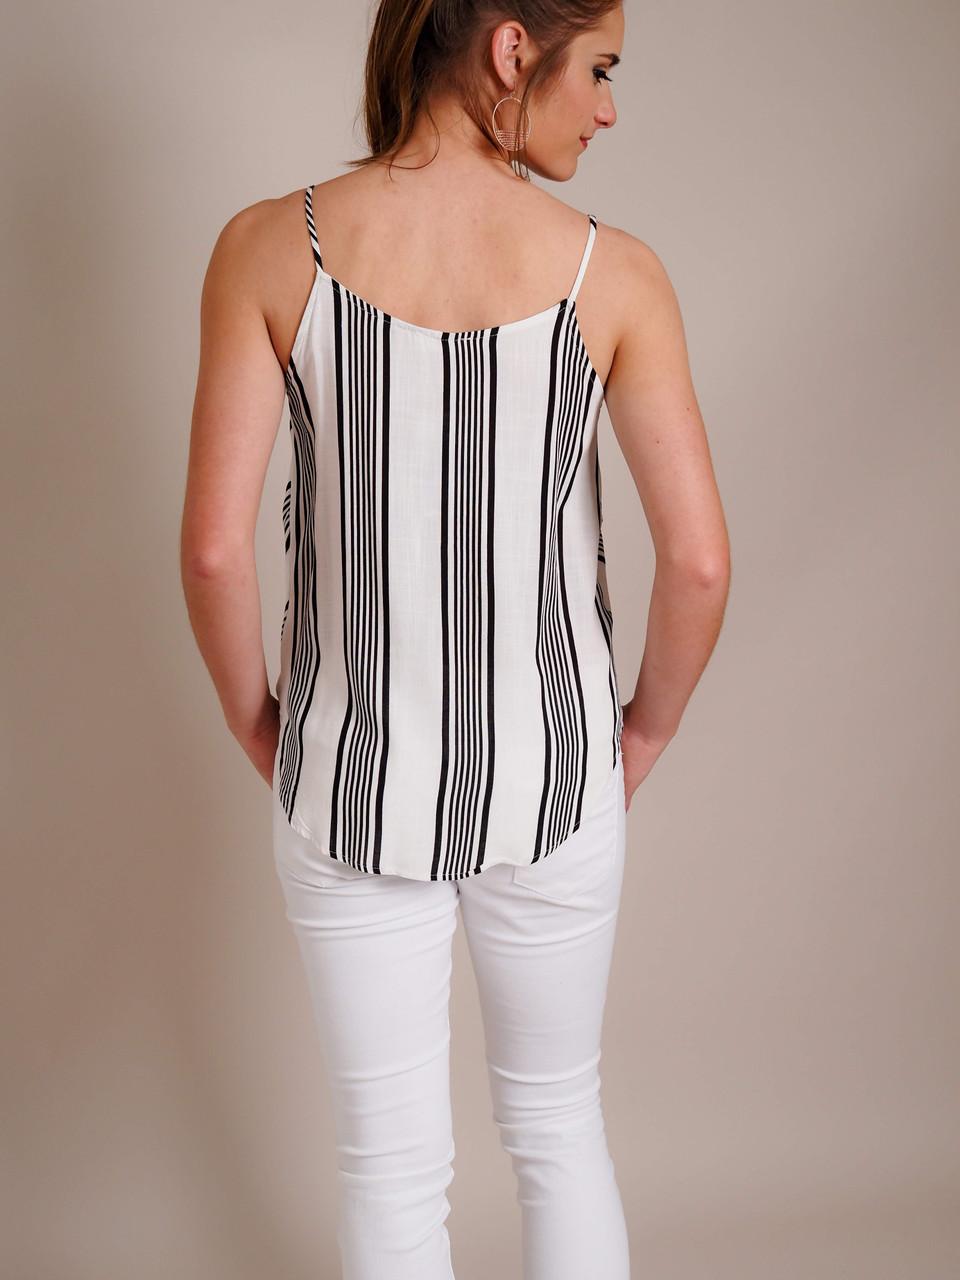 Black & White Striped Camisole